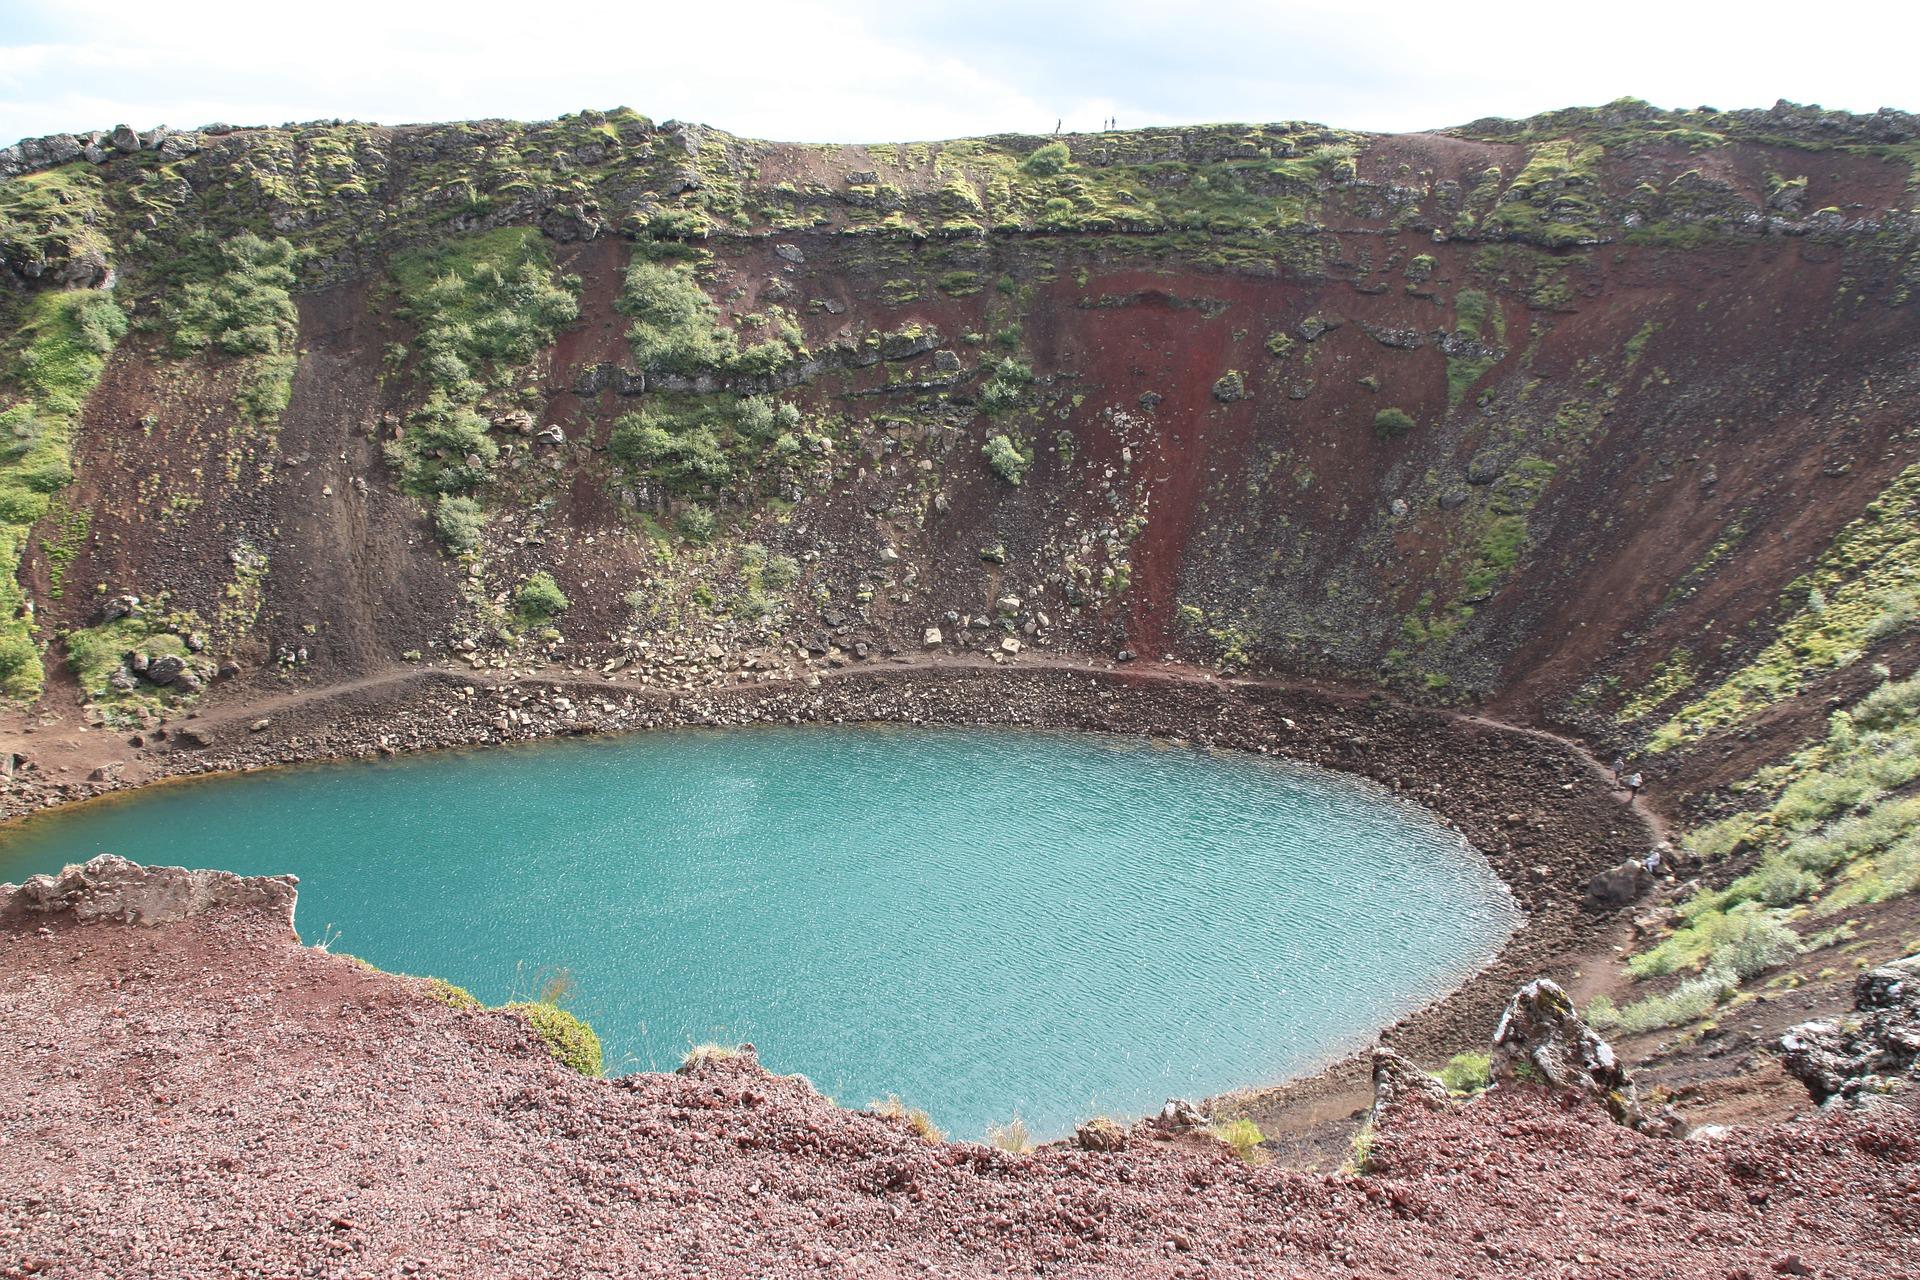 kerid-crater-1803491_1920.jpg